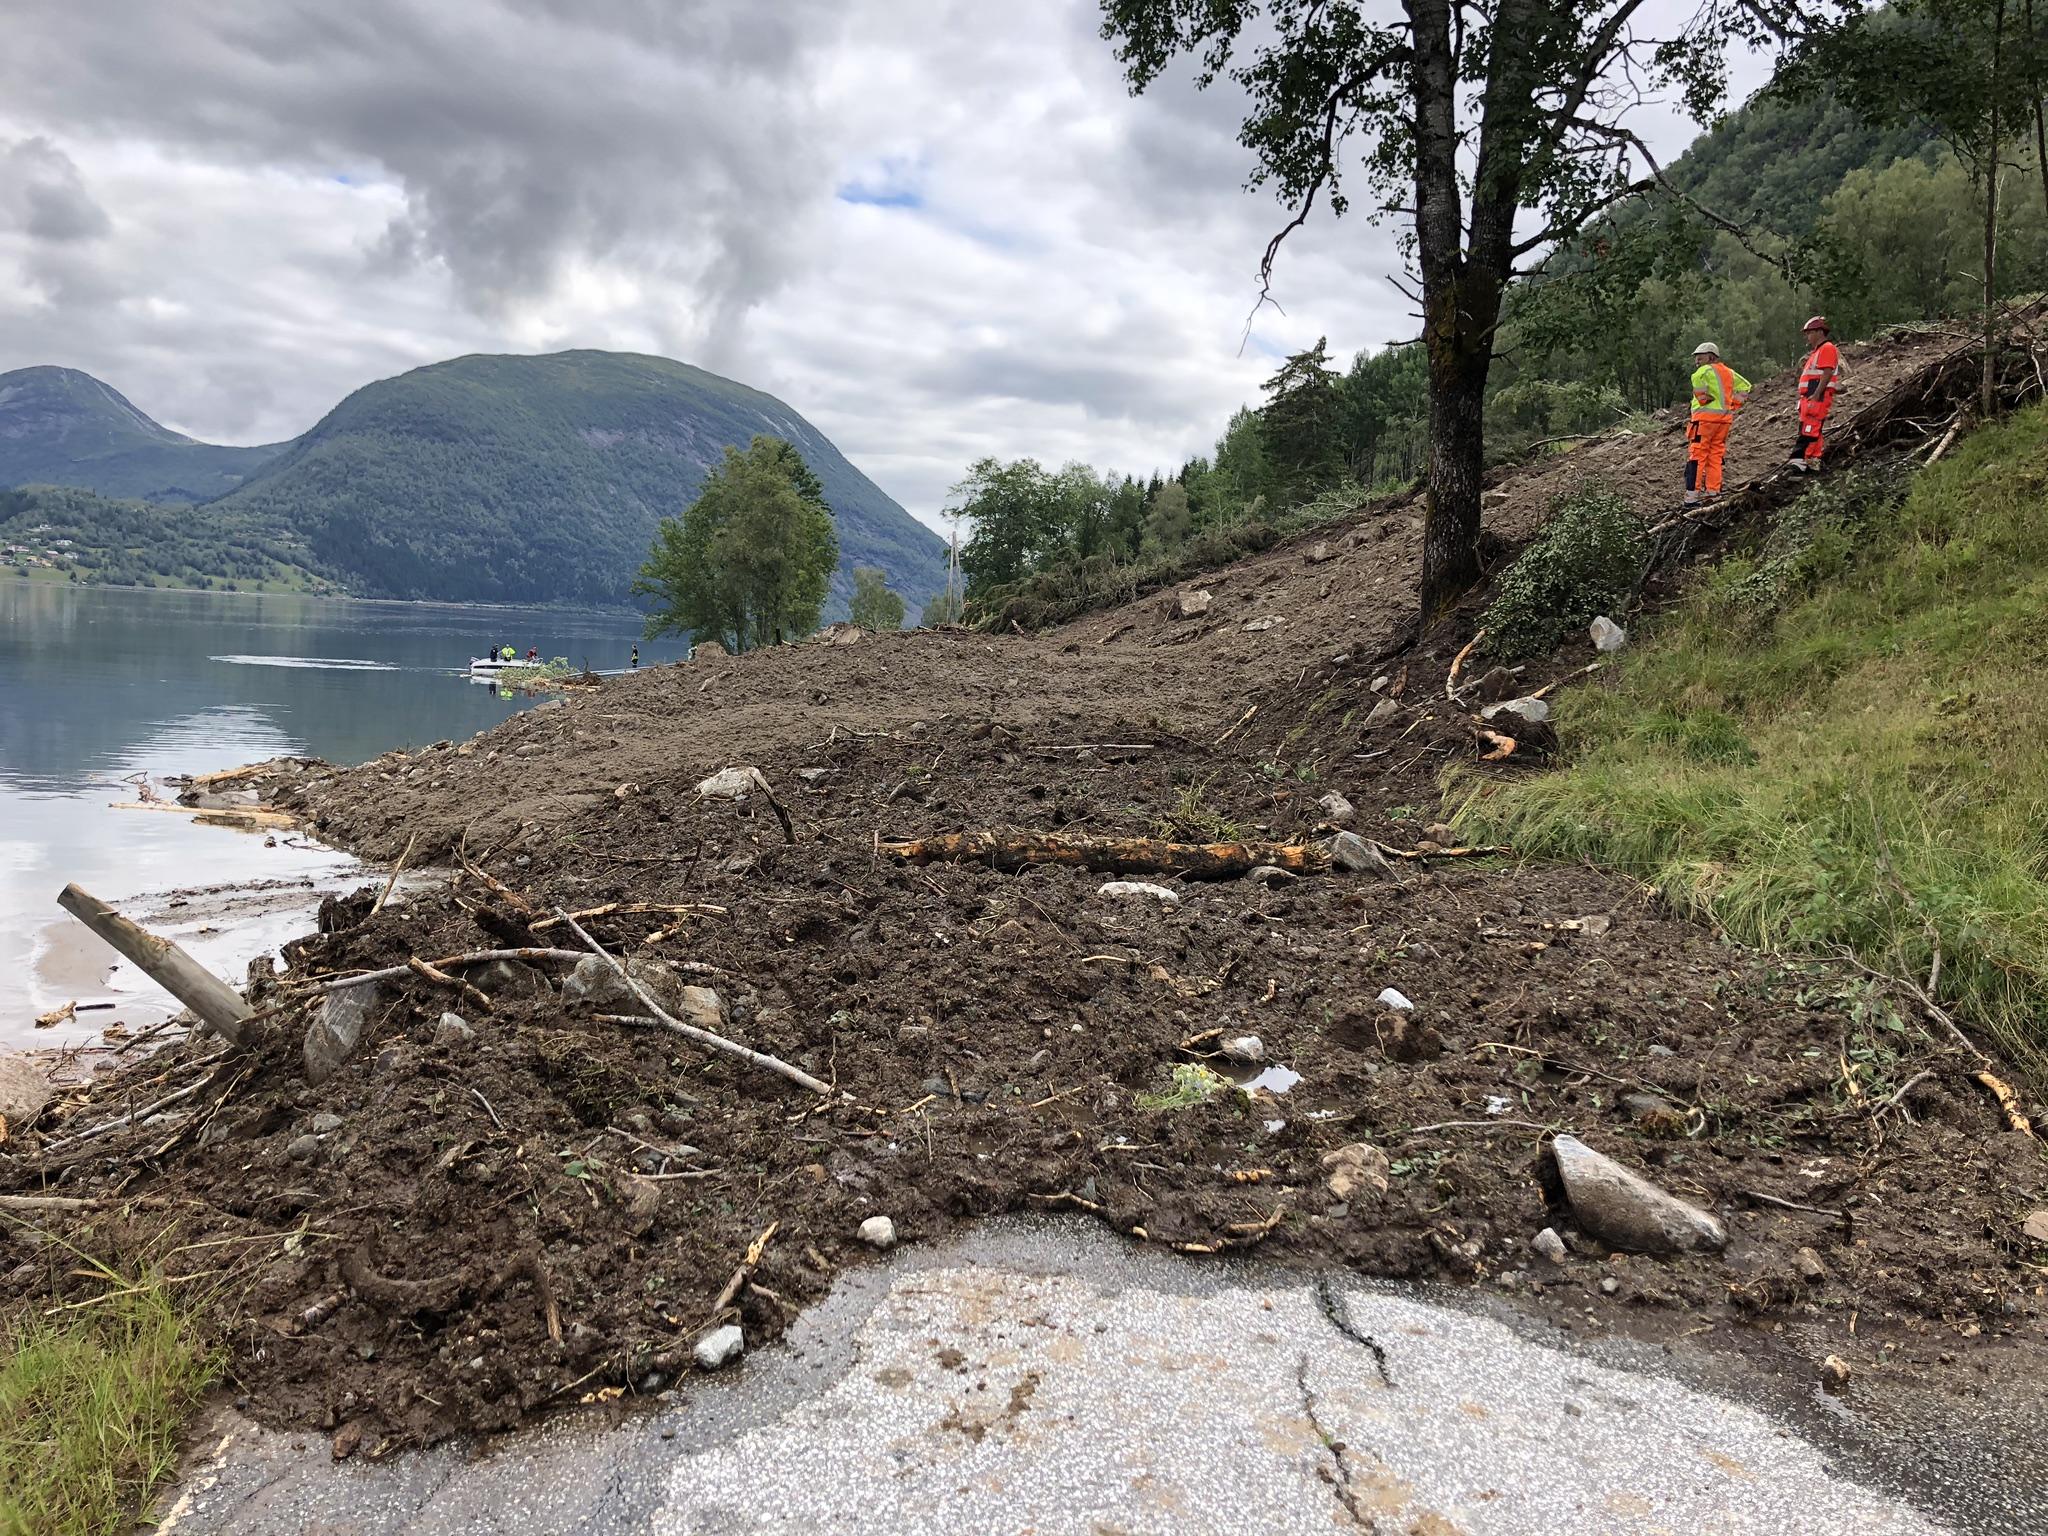 Omkøyringsvegen vart òg stengd etter øydeleggingane som sperra E39 gjennom Jølster sommaren 2019. Foto: Linda Olin Reite, NRK.